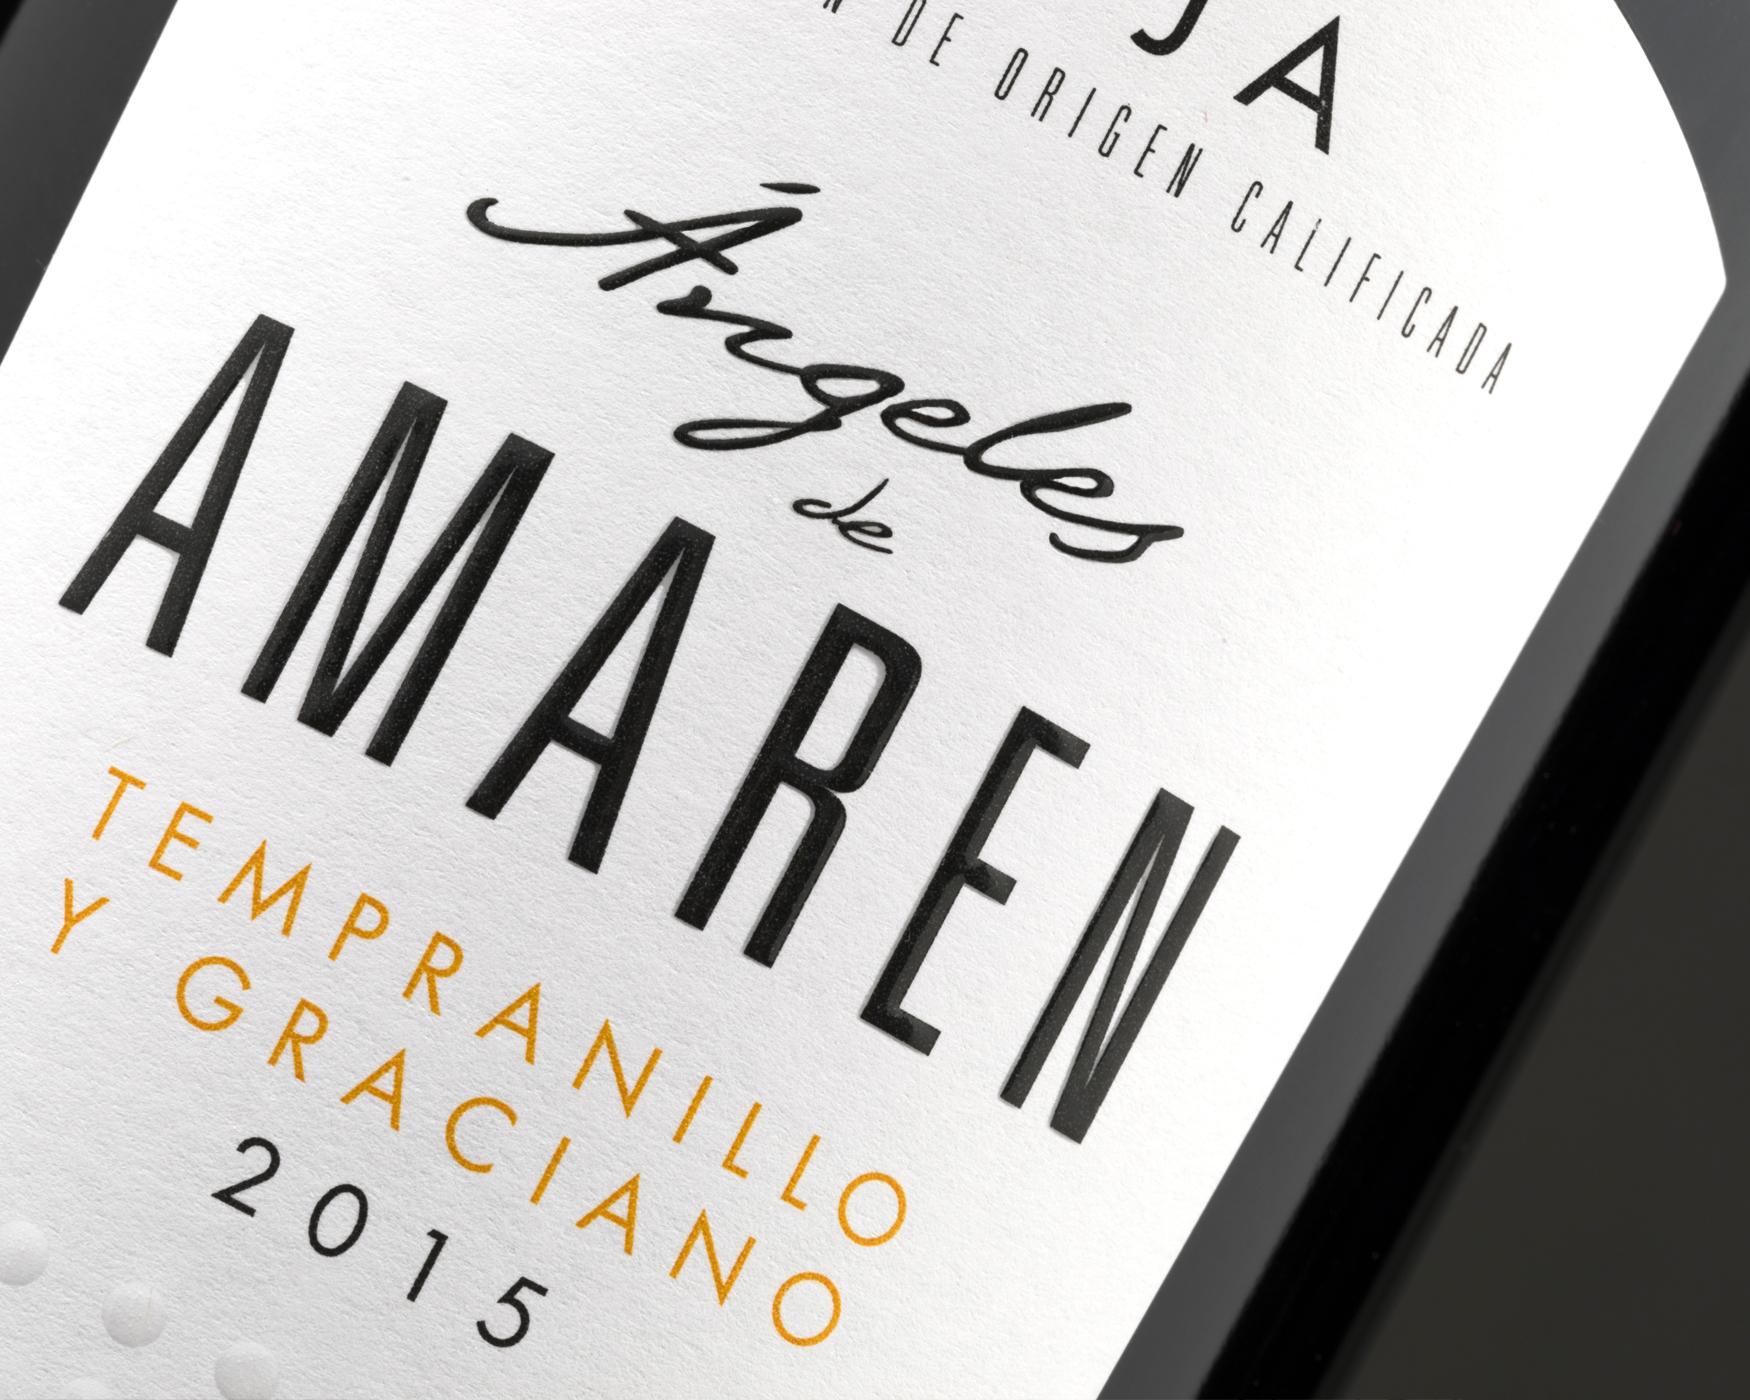 Angeles Amaren. Etiqueta de vino adhesiva. Labelgrafic.